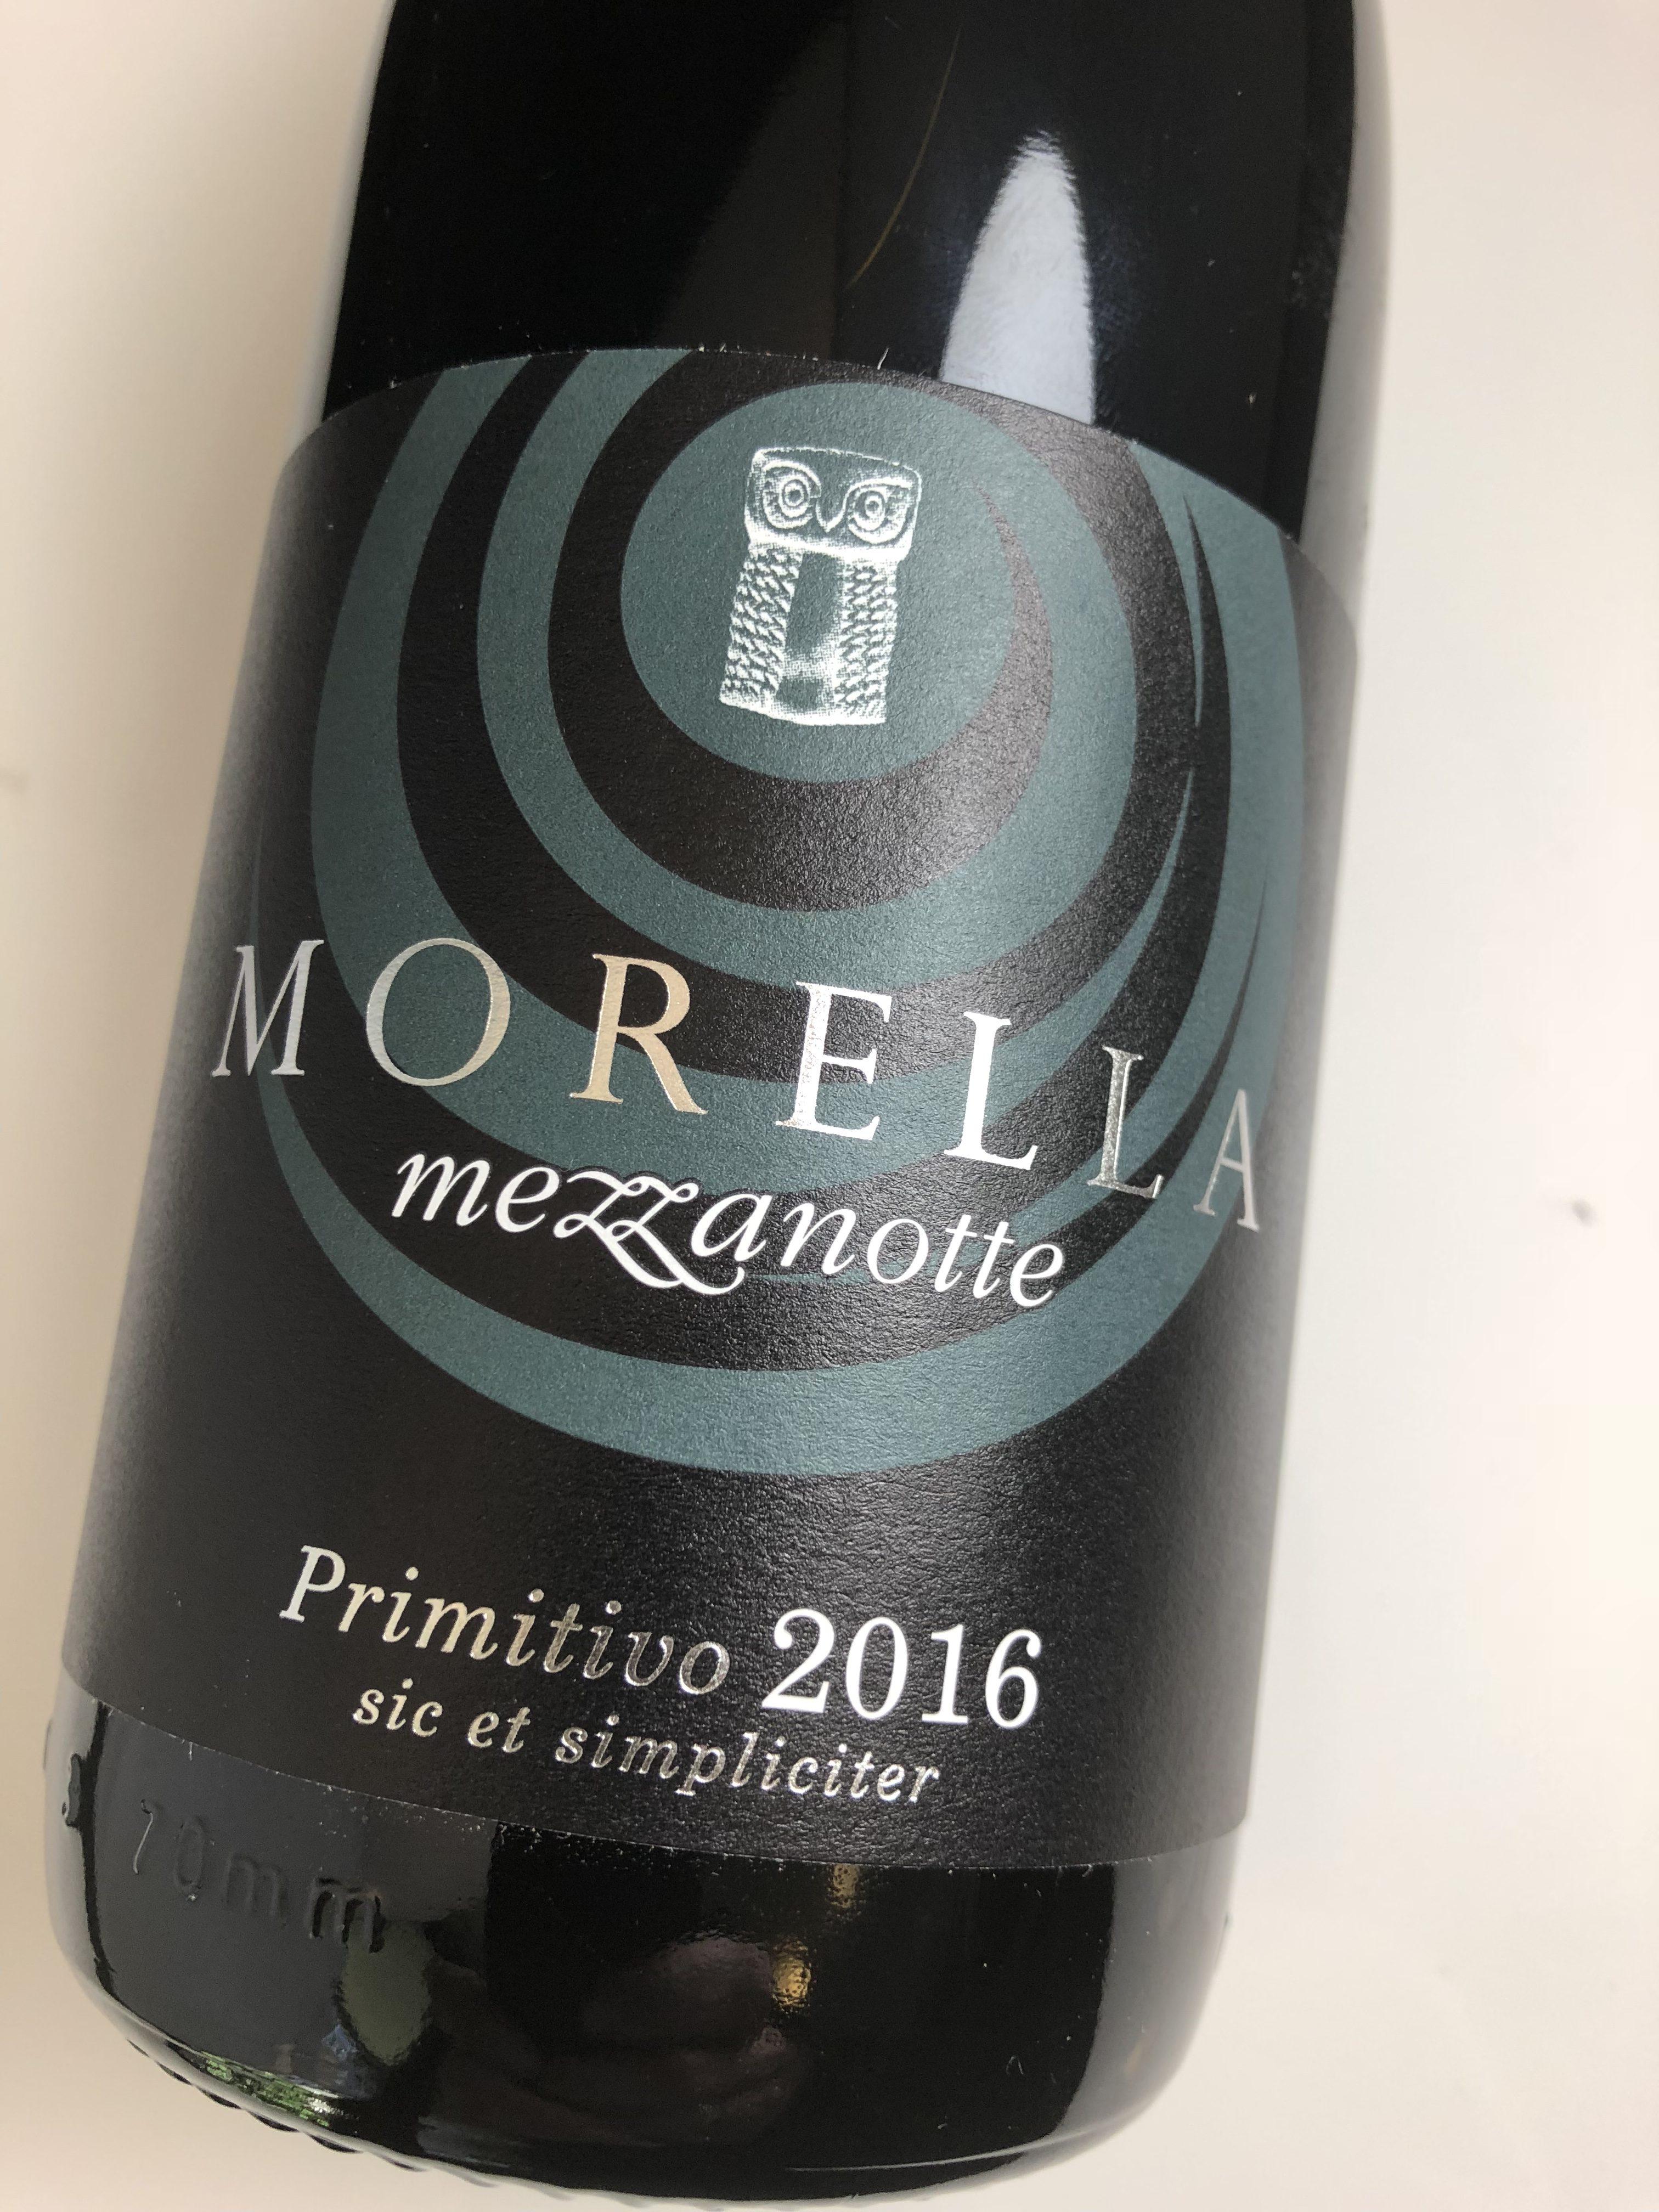 Morella Mezzanotte